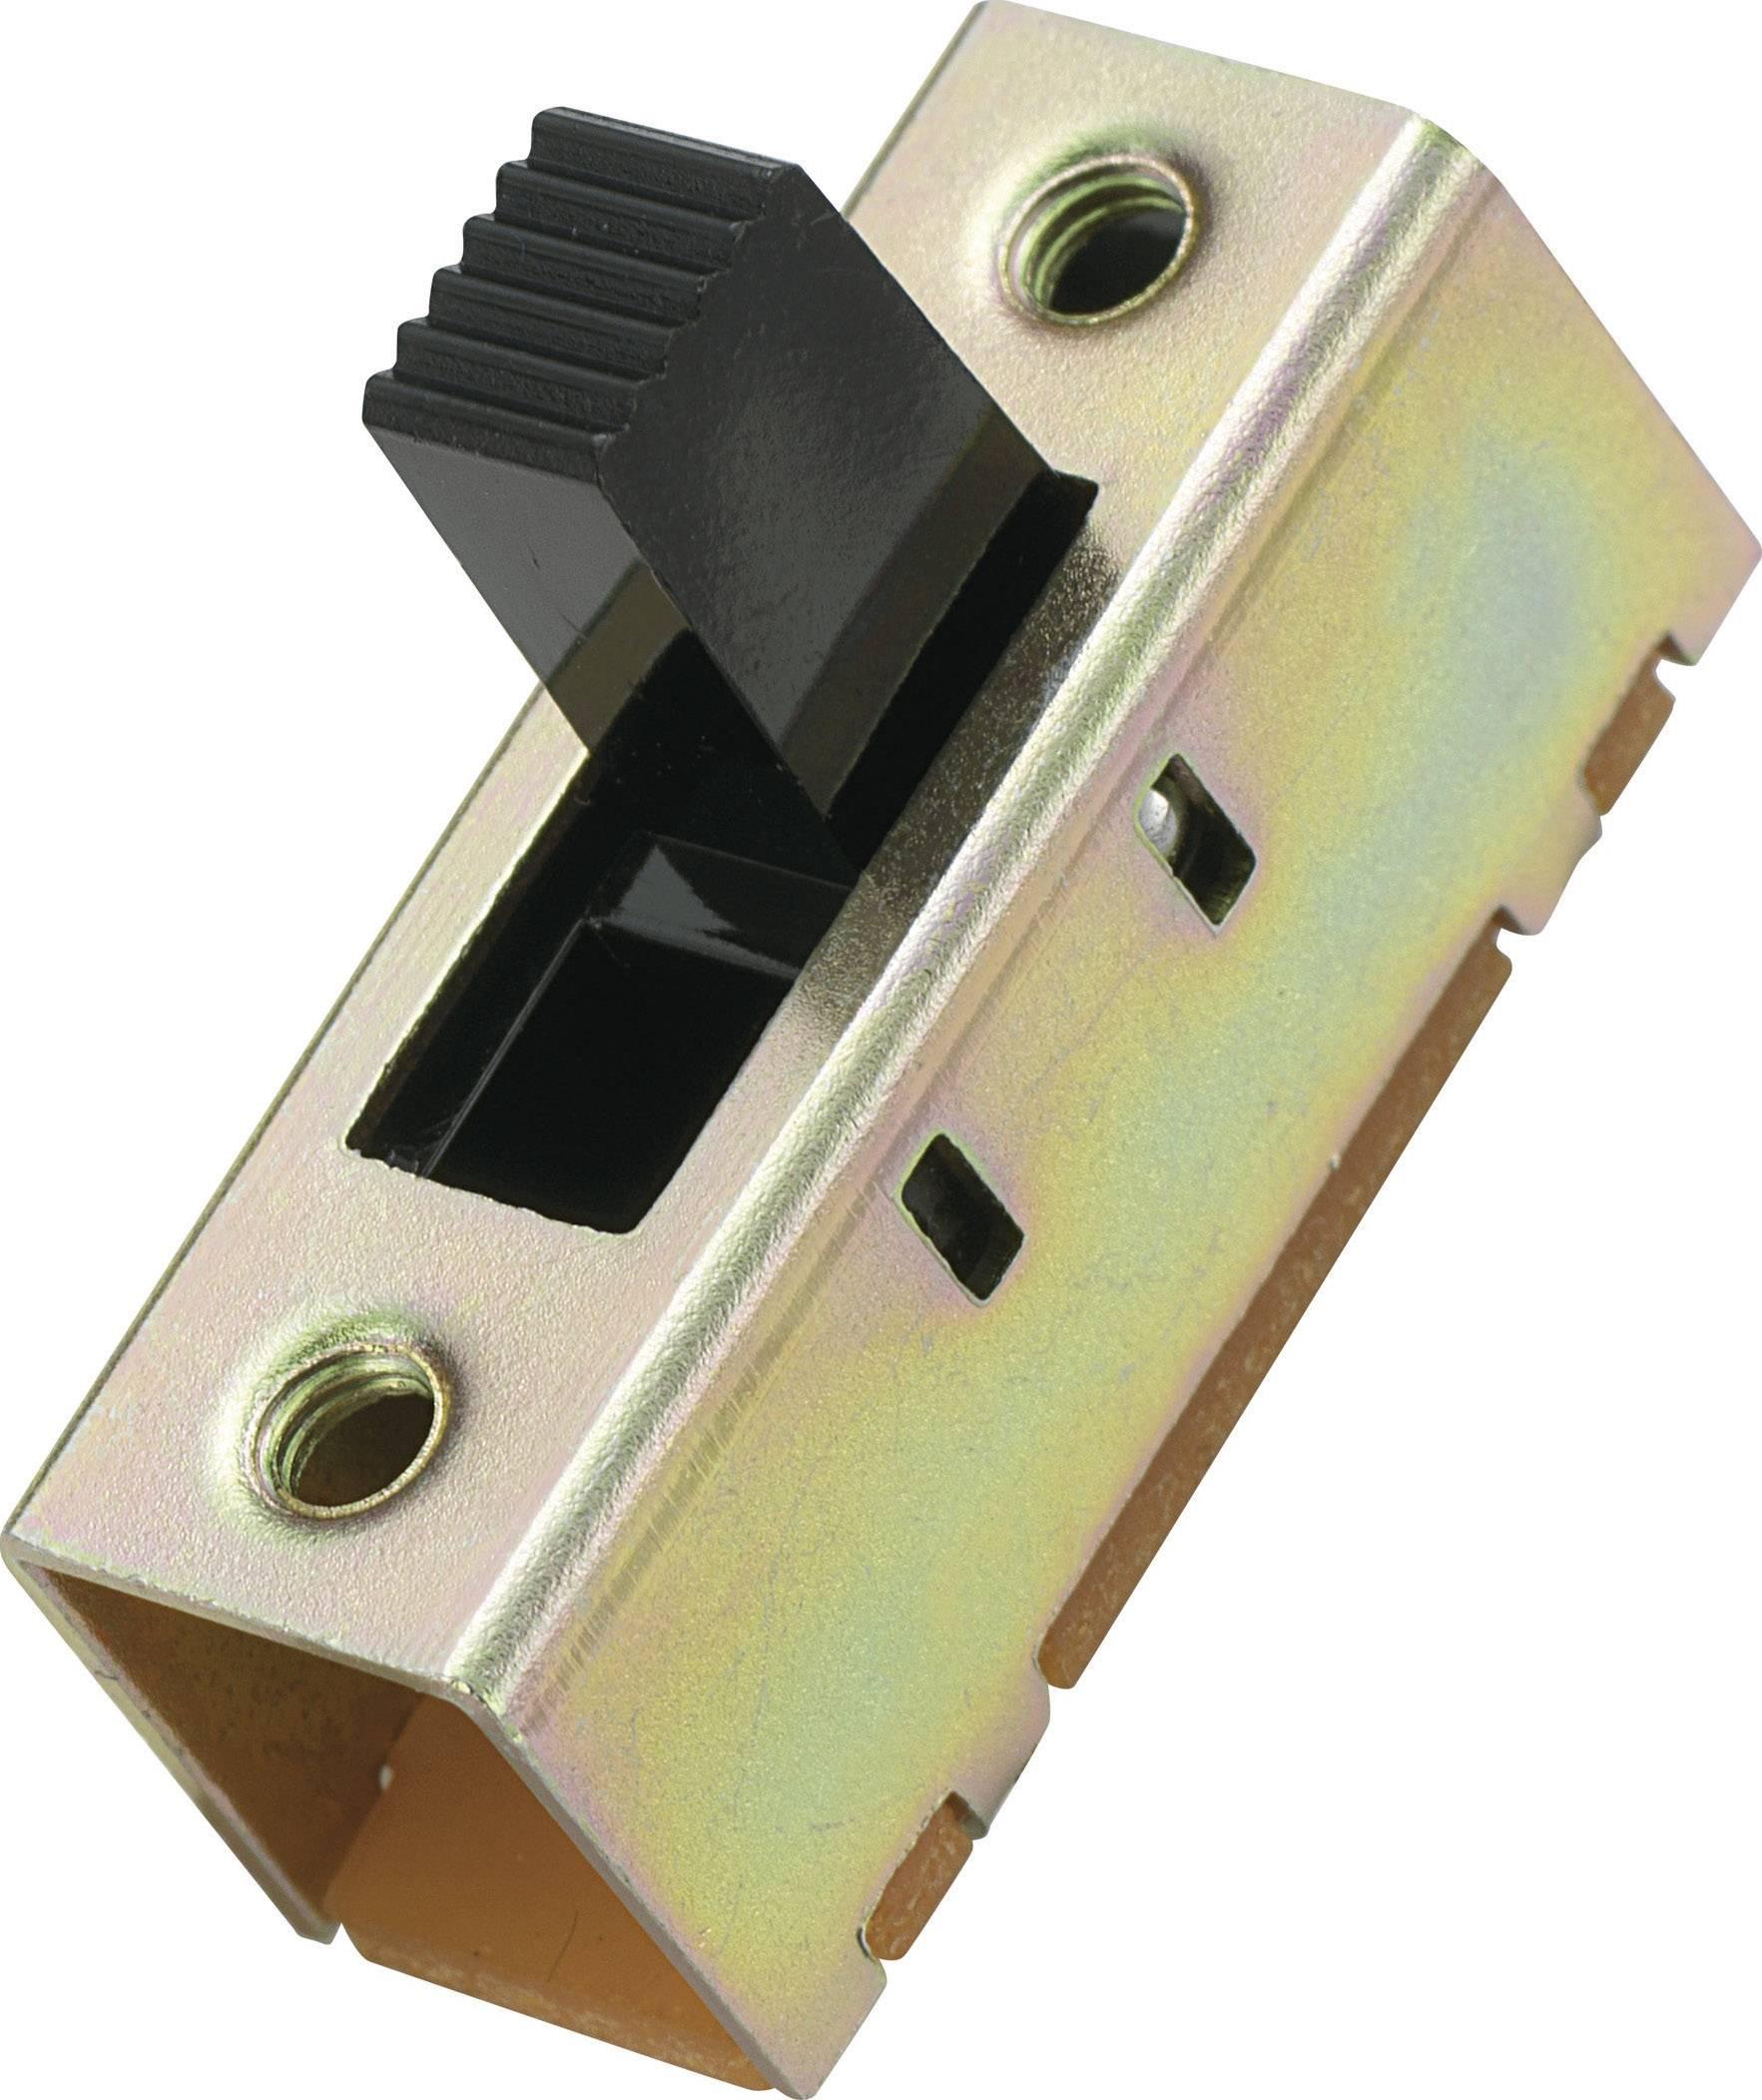 Posuvný přepínač MS-033, 2x zap/vyp/zap